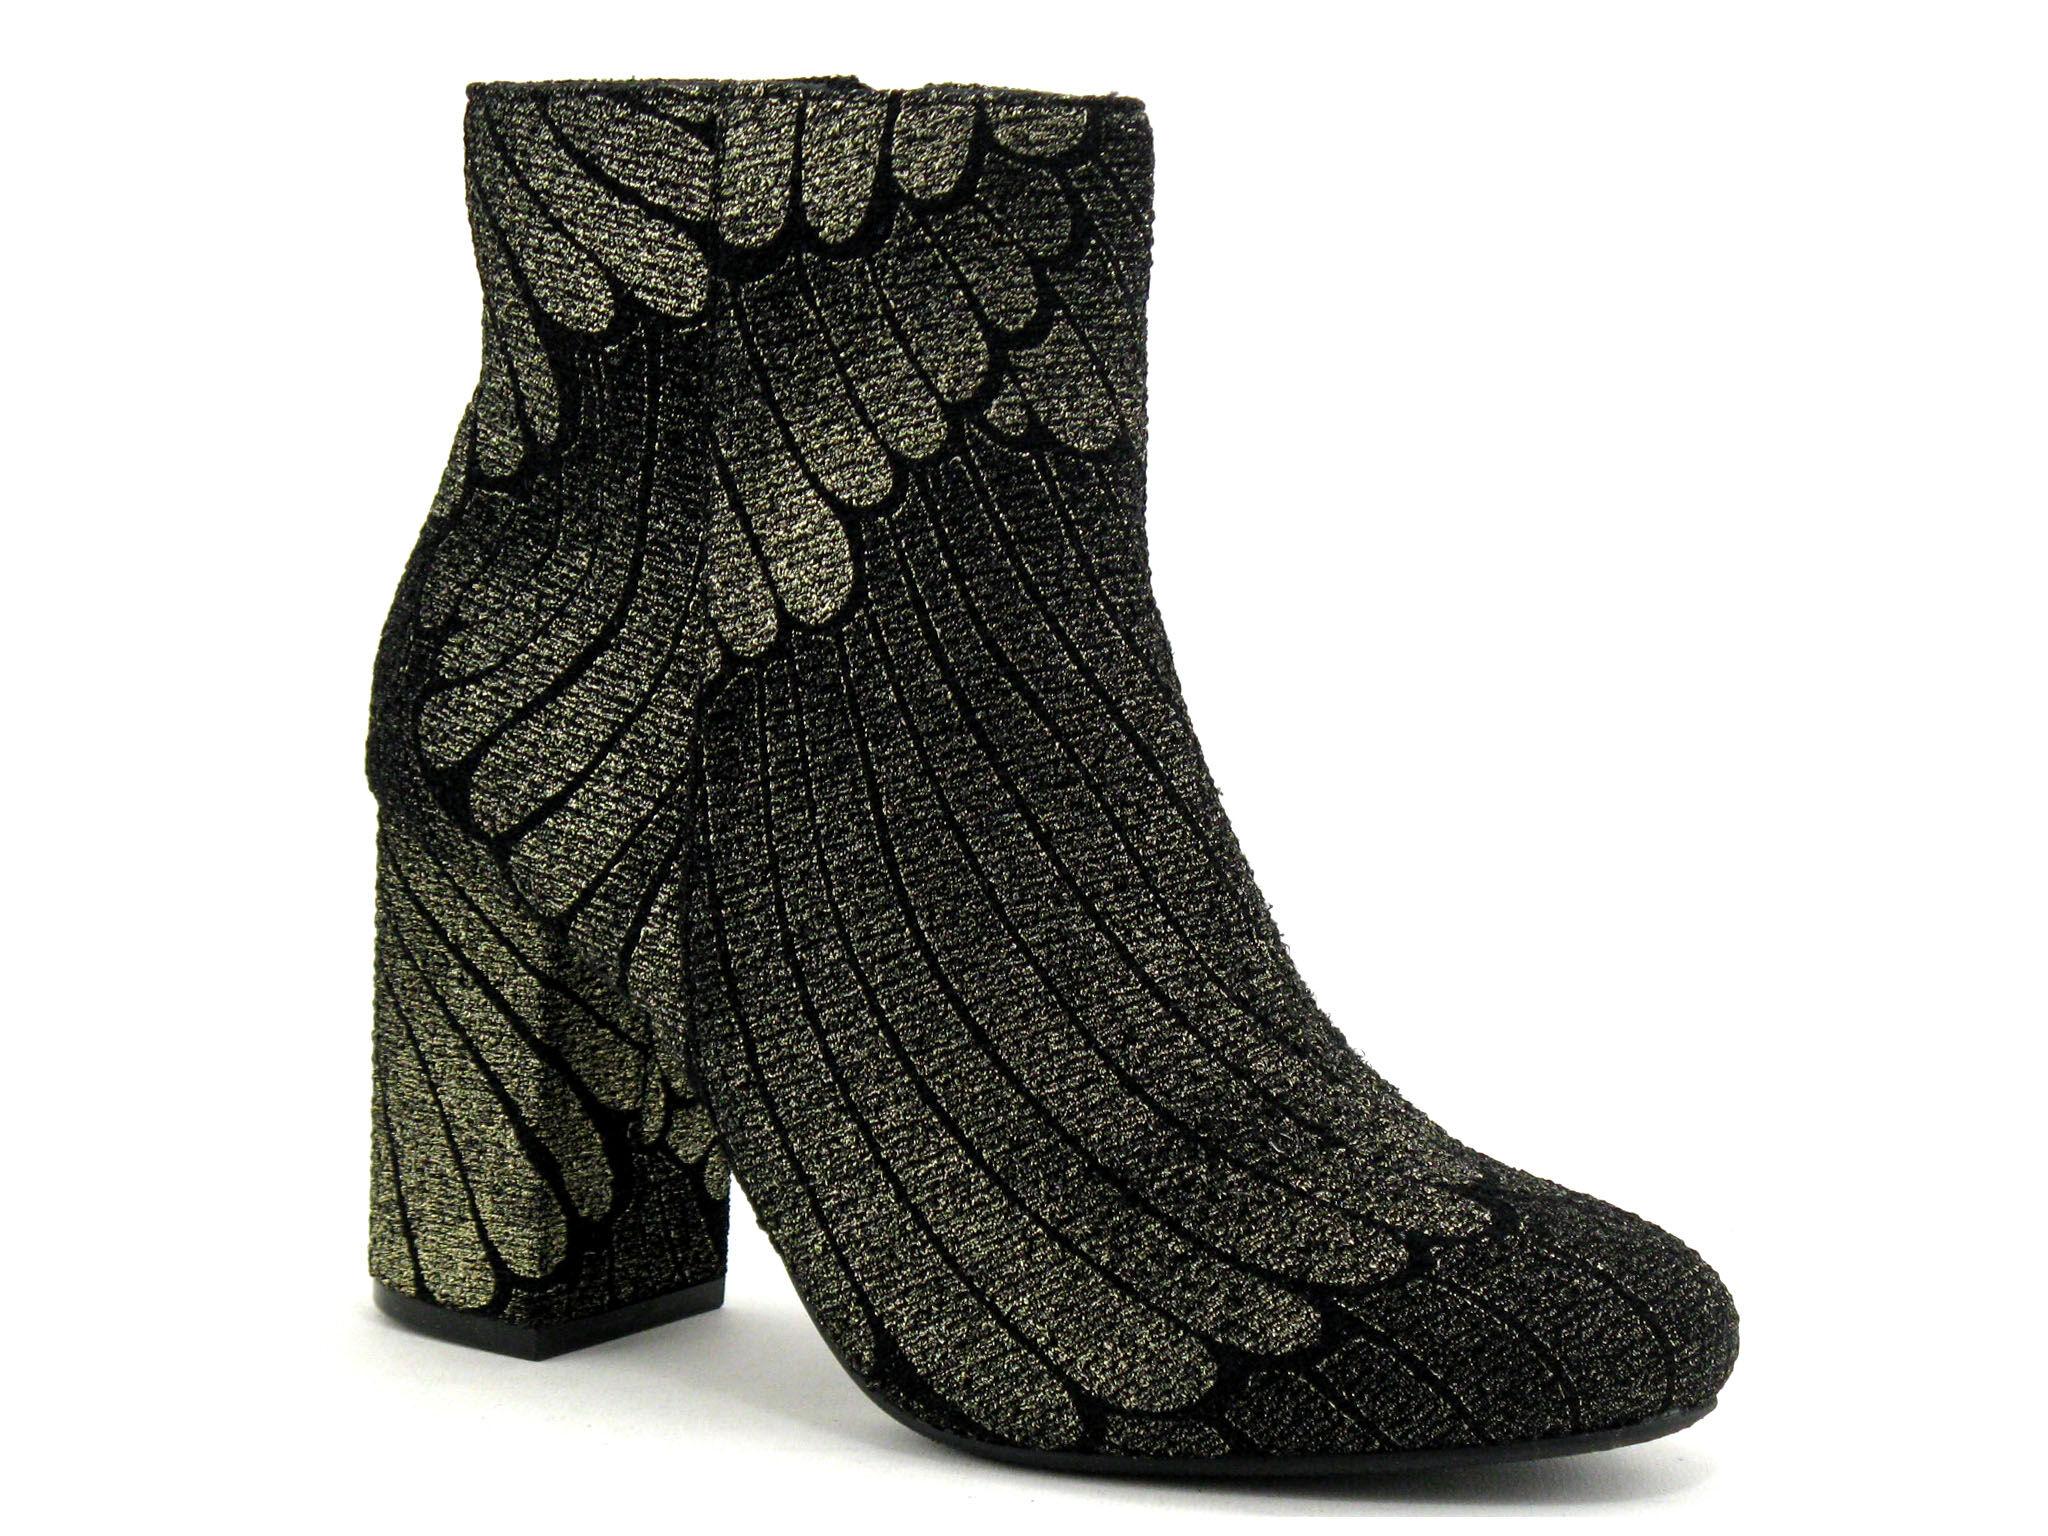 Enza Nucci Boots Femme Enza Nucci - Bronze,Noir,Or - Point. 36,37,38,39,40,41